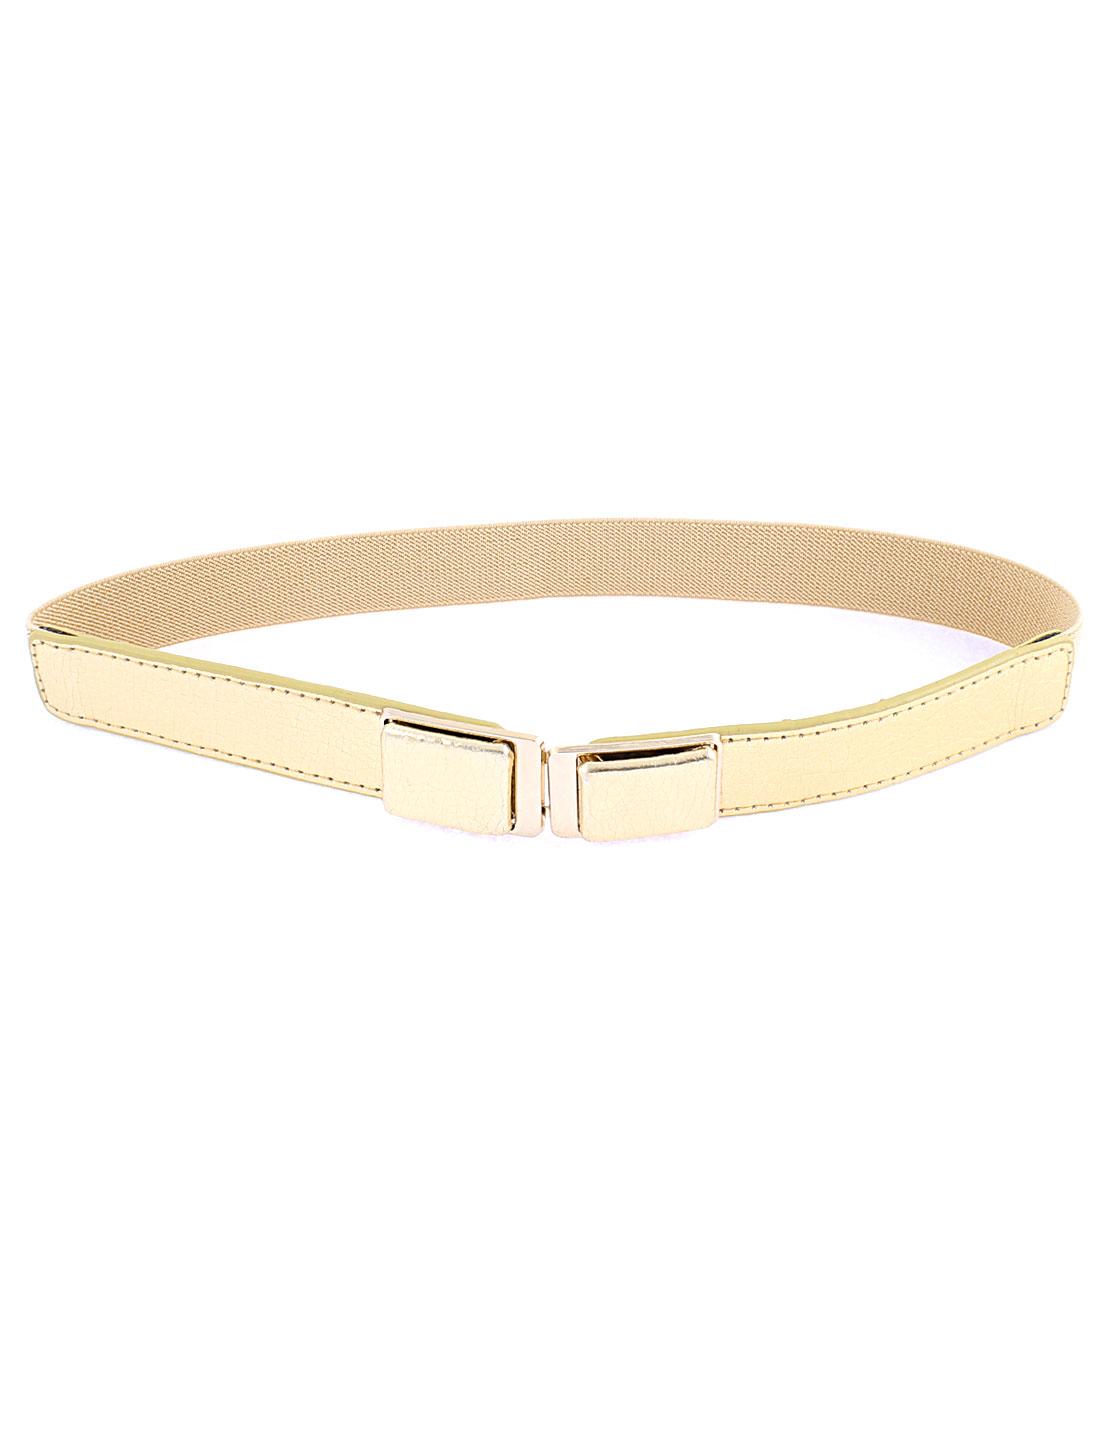 Interlocking Buckle Waist Belt Waistband 1 Inch Wide Beige for Women